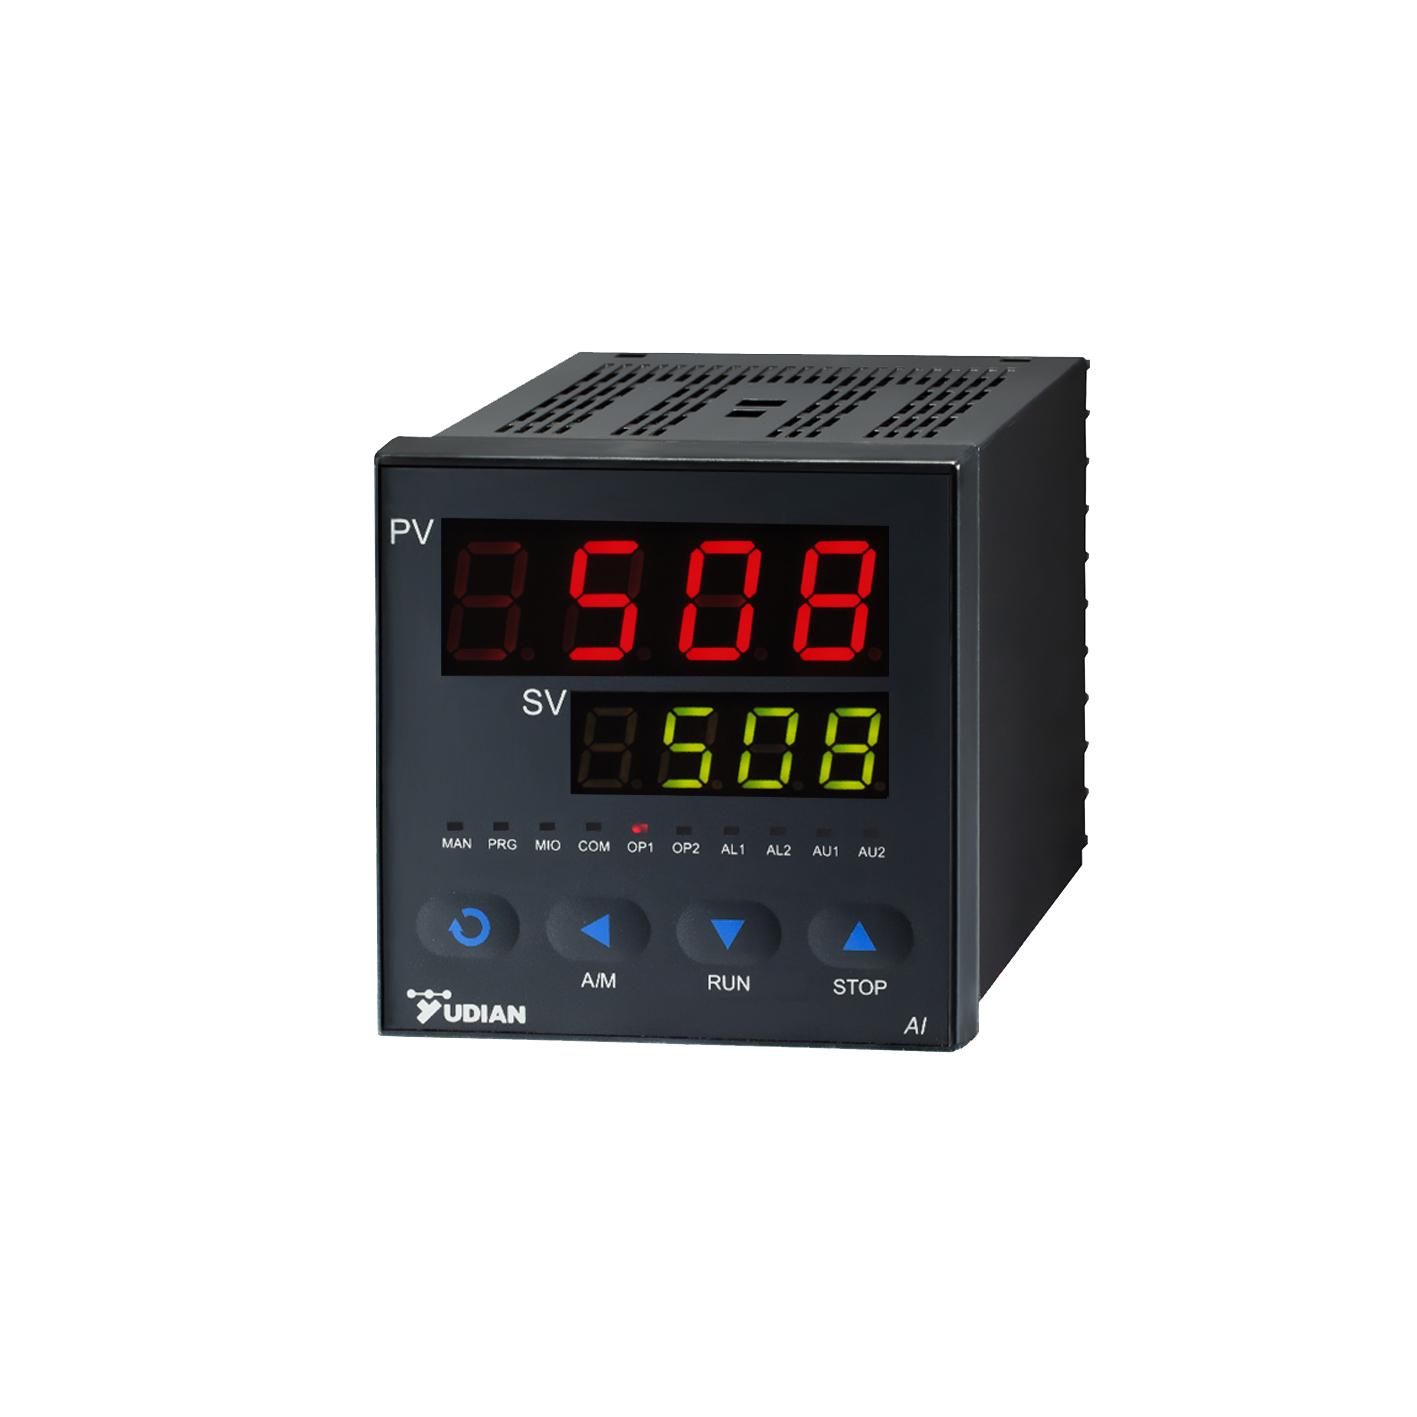 温控器_宇电ai-508人工智能温控器,pid调节器